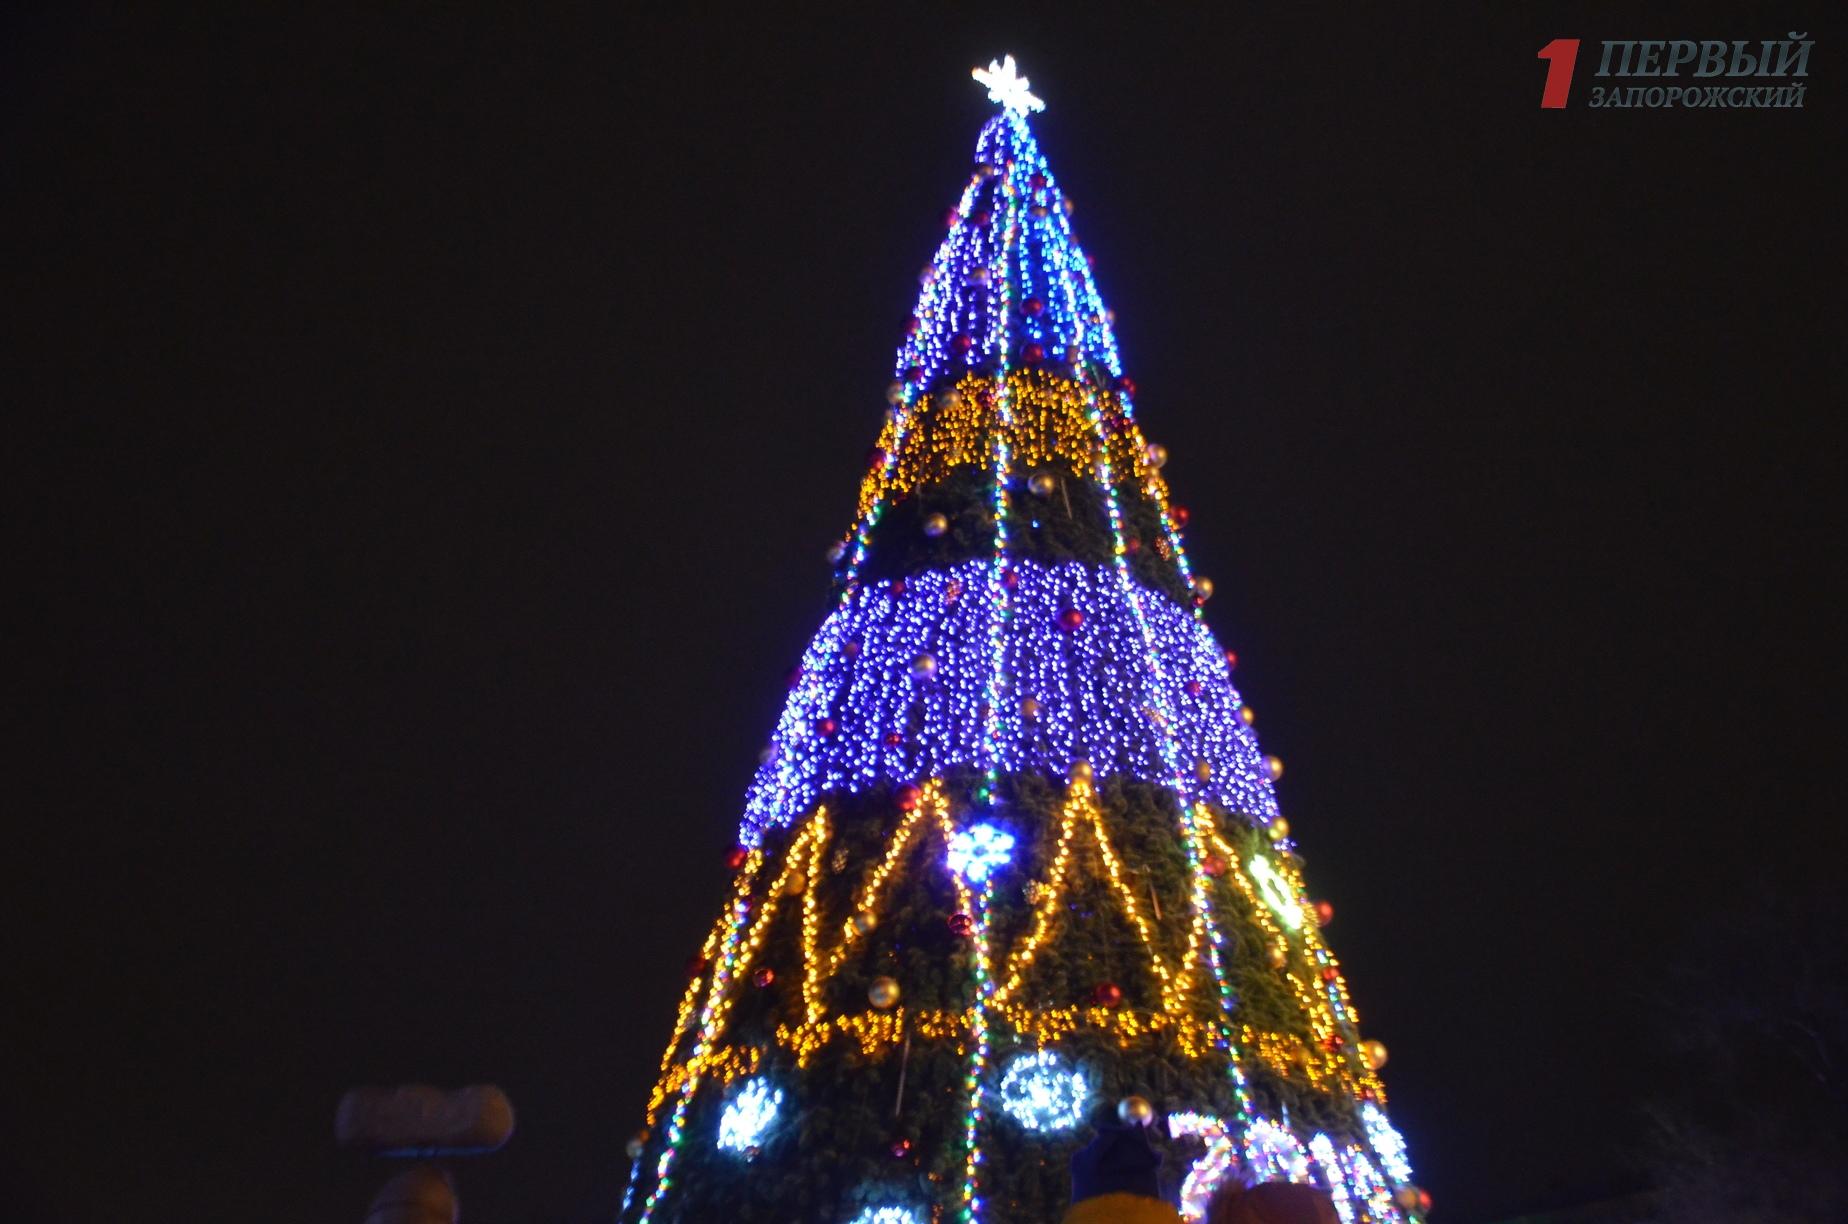 Очереди к домику святого Николая, праздничные фотозоны и танцы Дедов Морозов: как запорожцы зажгли елку в центре города – ФОТО, ВИДЕО